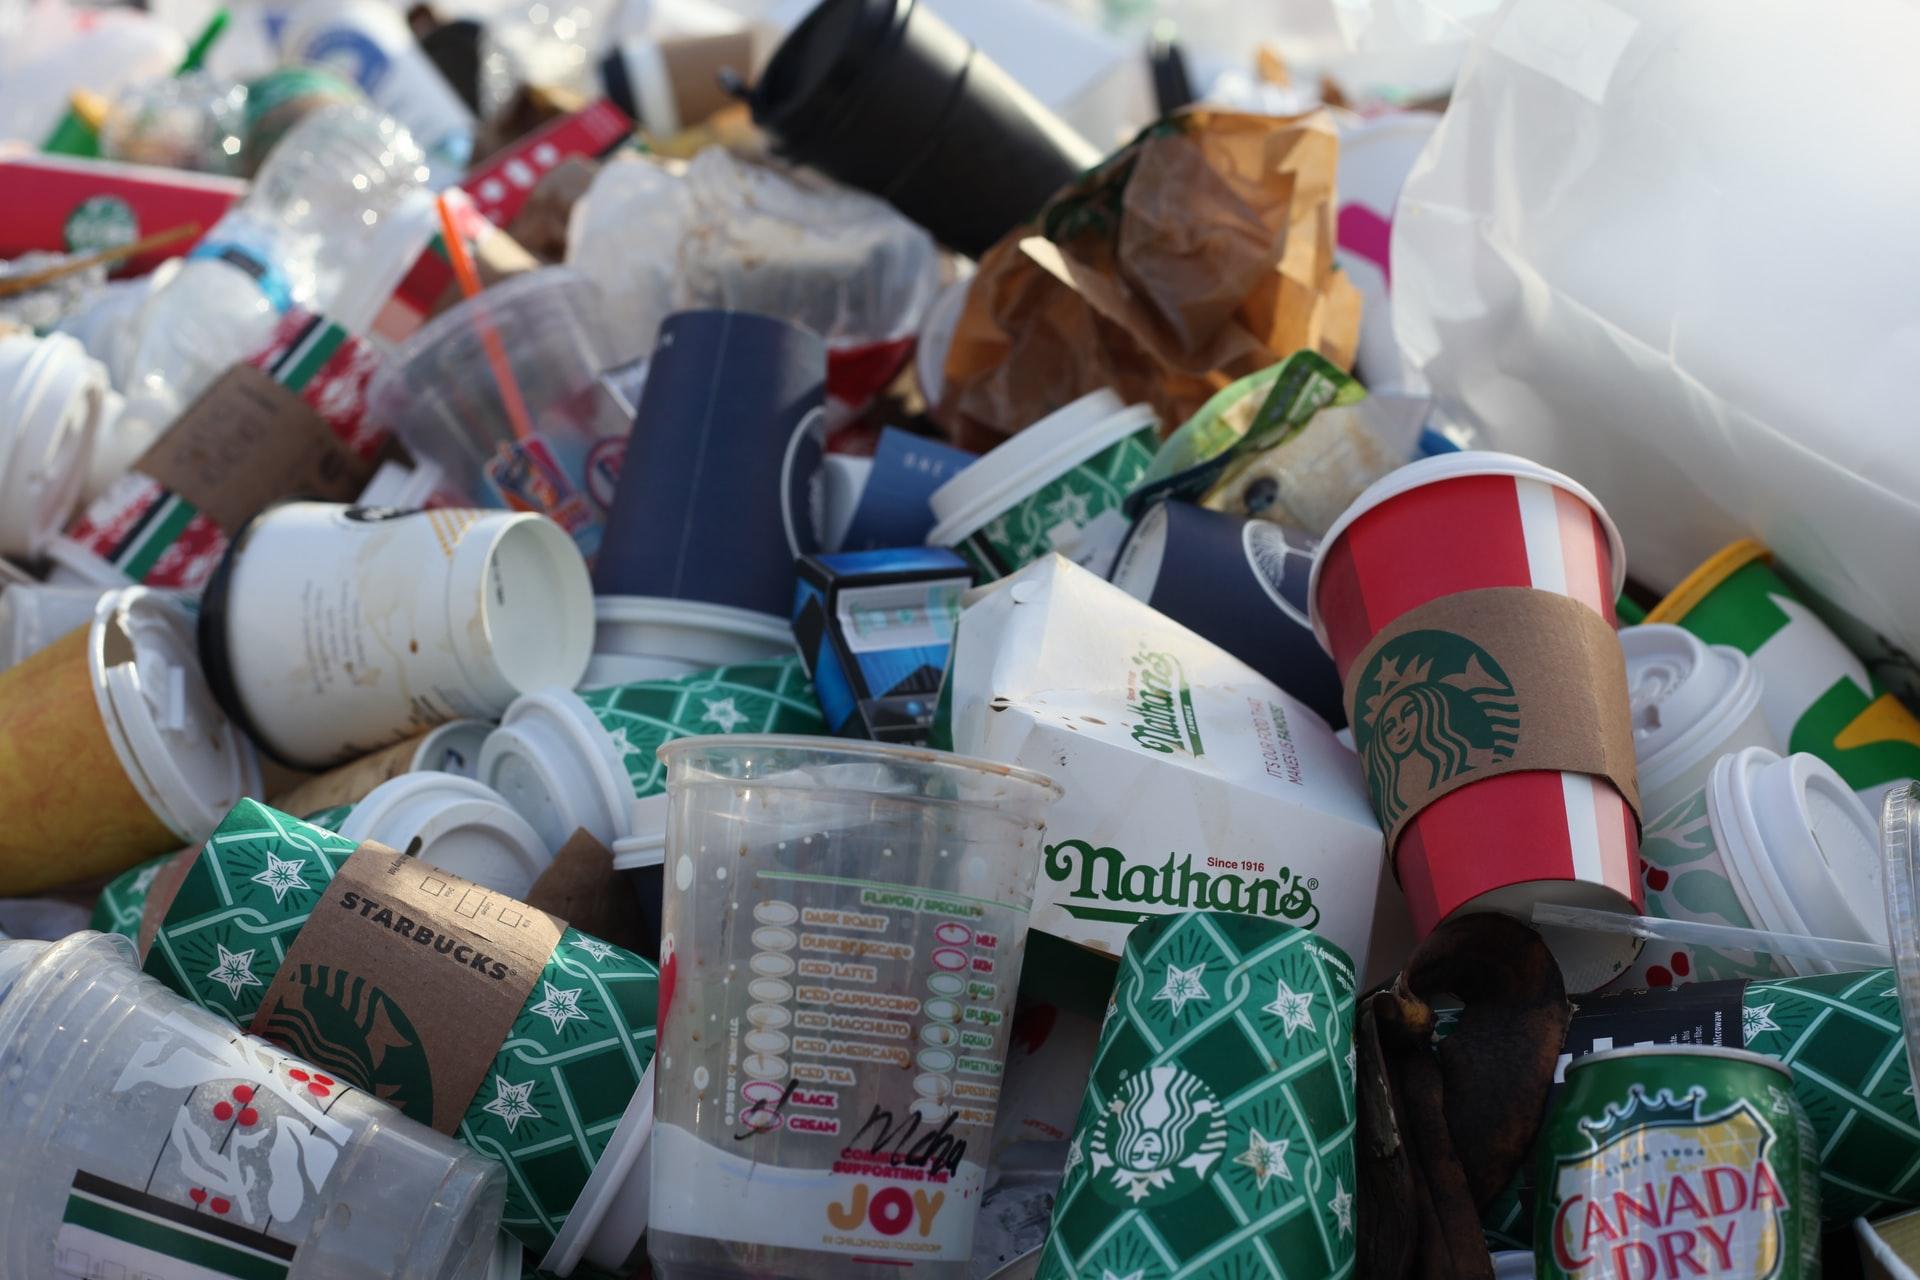 Steeds meer afval gescheiden in Nederland